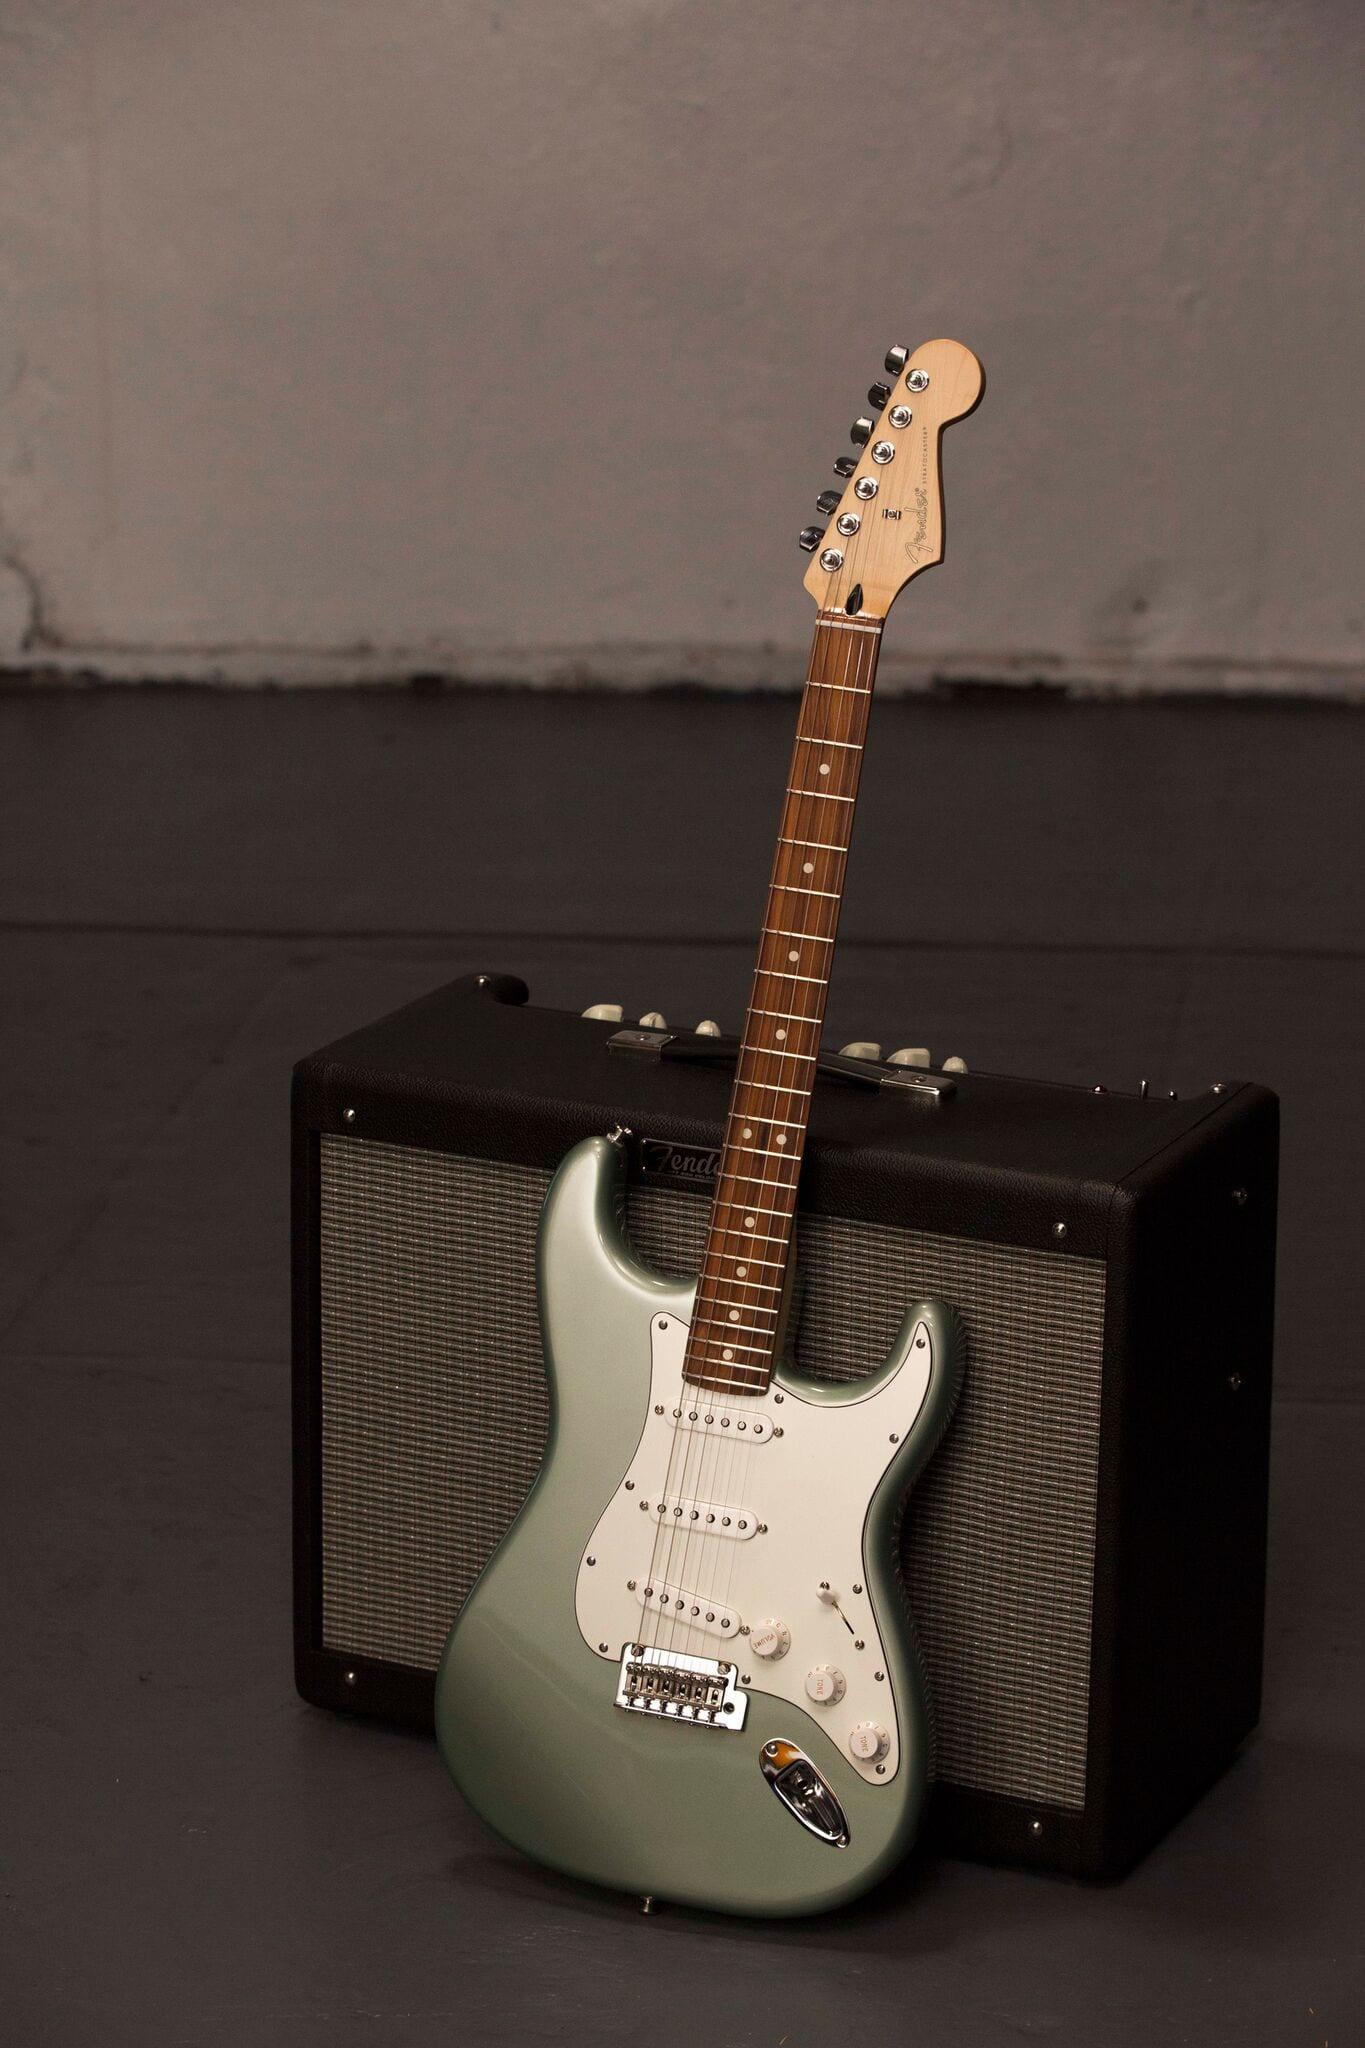 Fender Player Series: The worst-kept secret of 2018